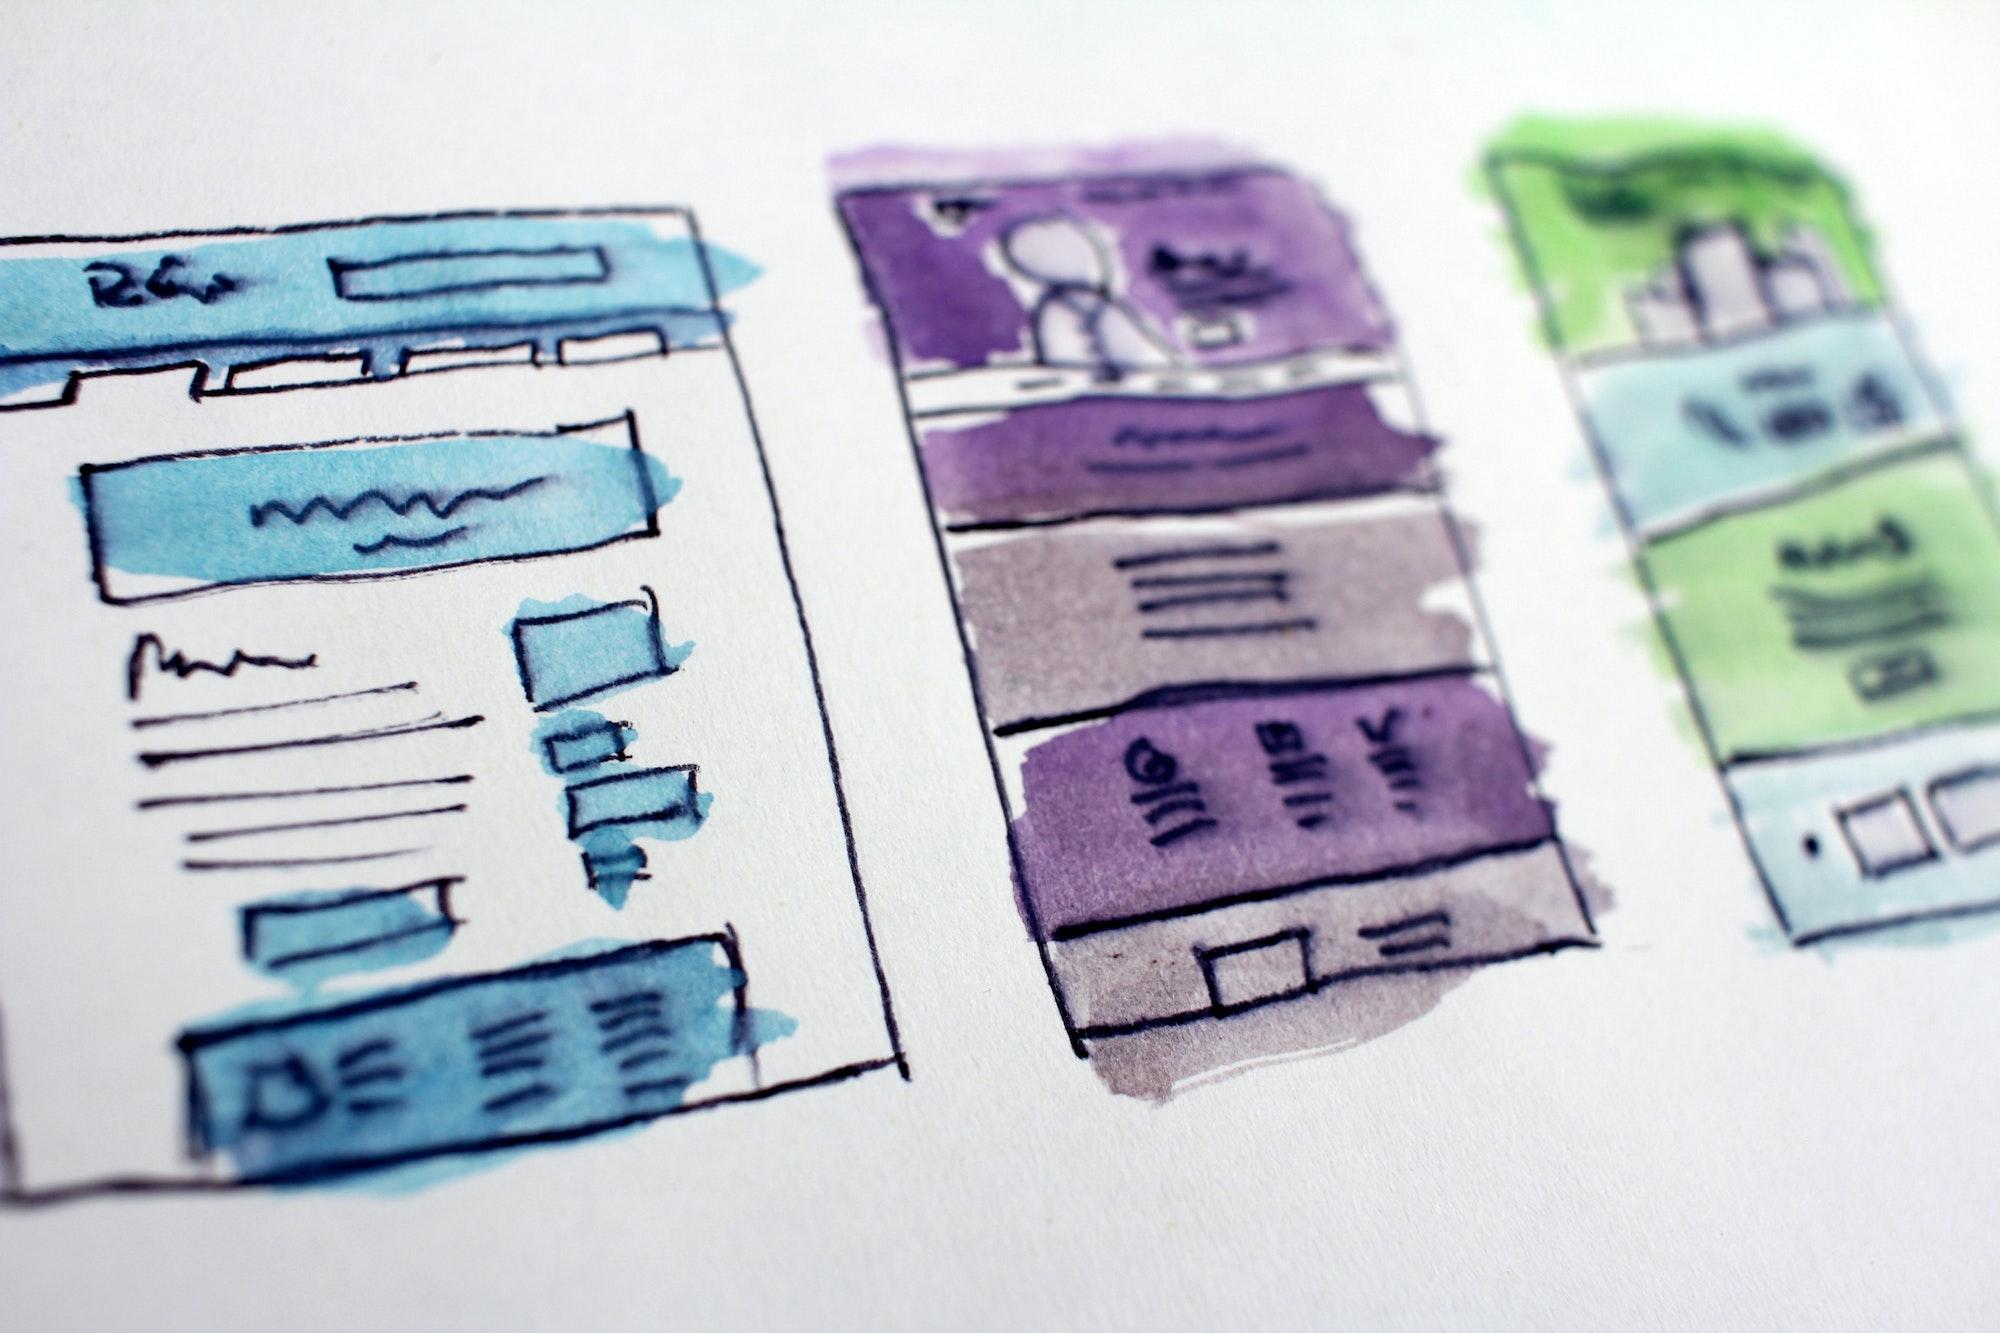 diseño más inclusivo y equitativo